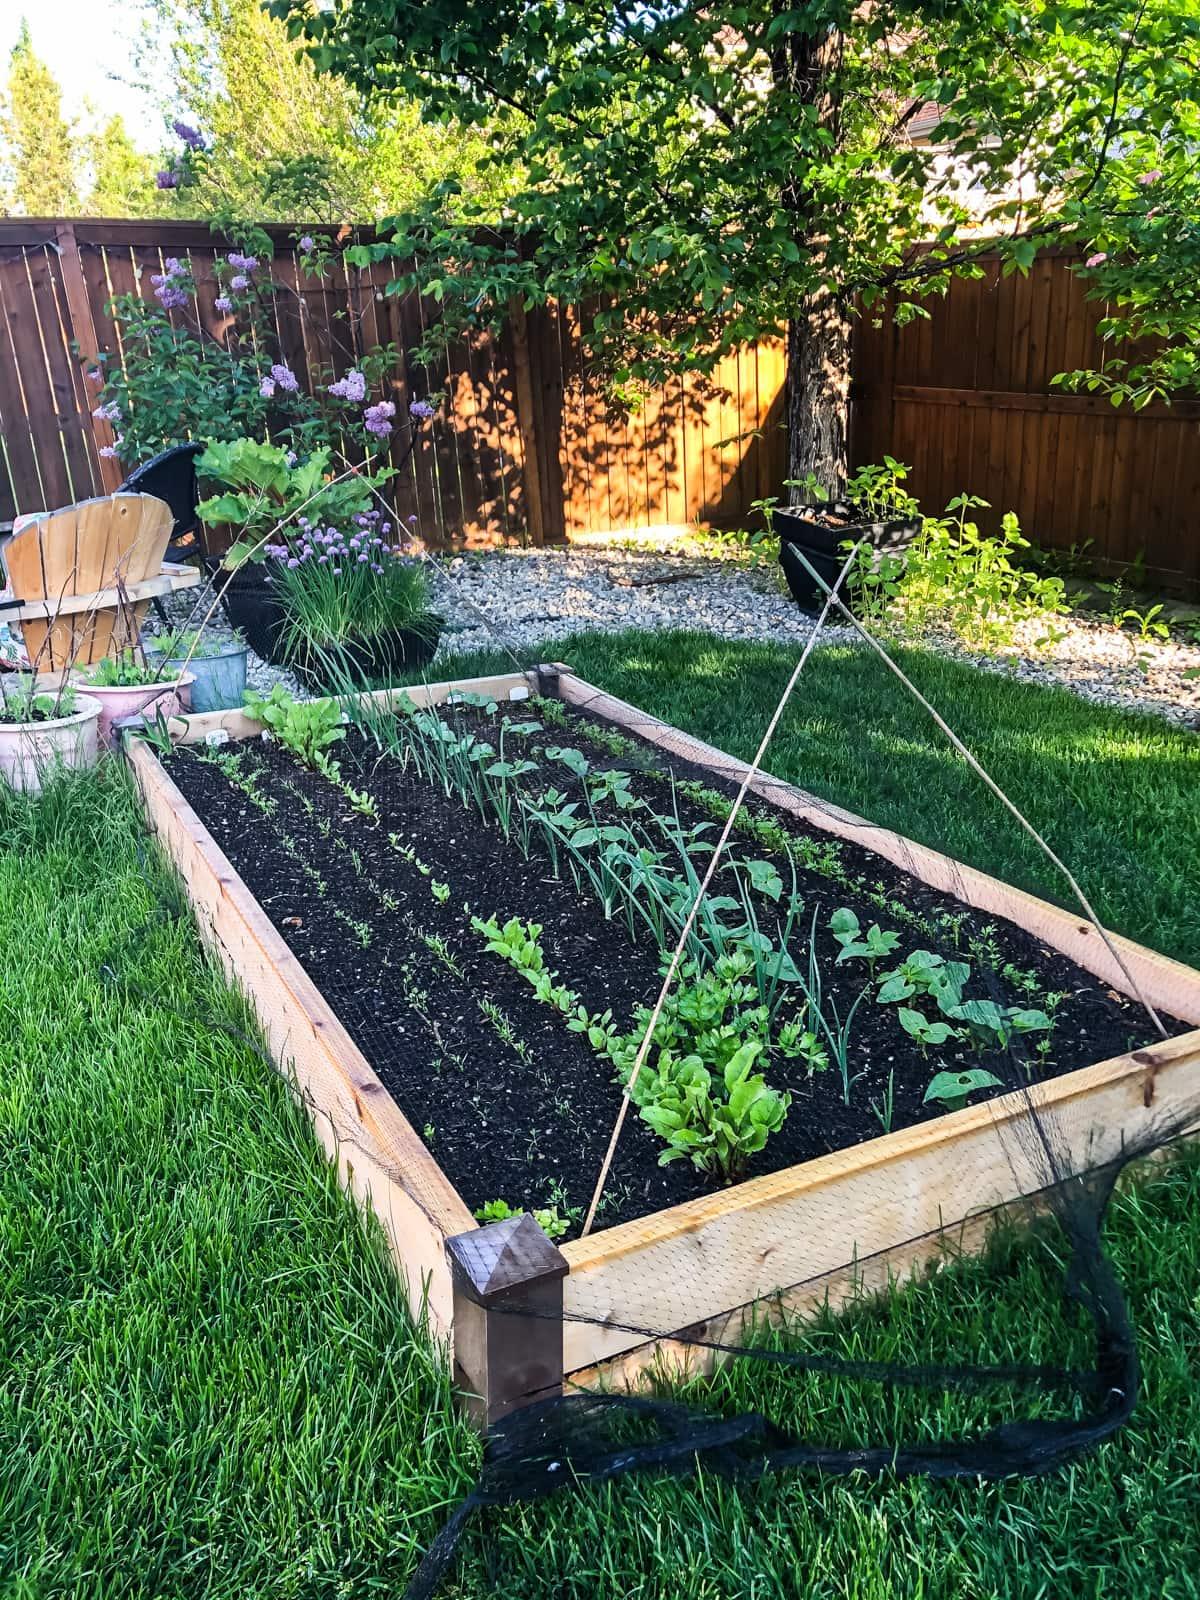 grow a Garden for Earth Day